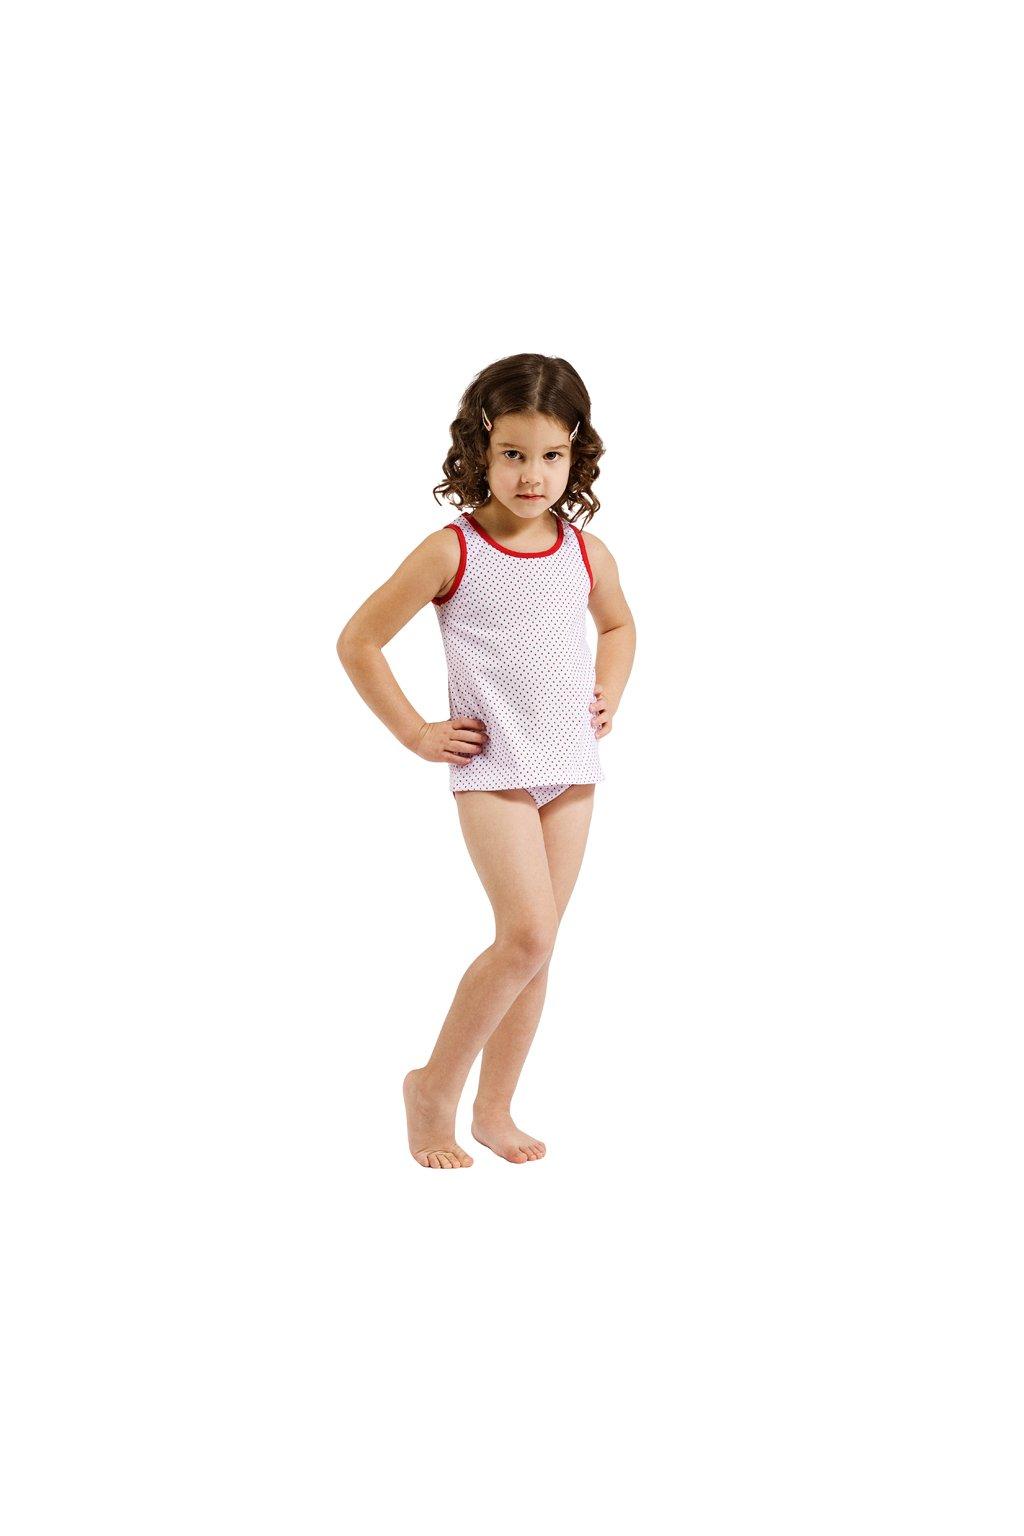 Dívčí košilka se širokými ramínky, 40220 664, bílá/červená